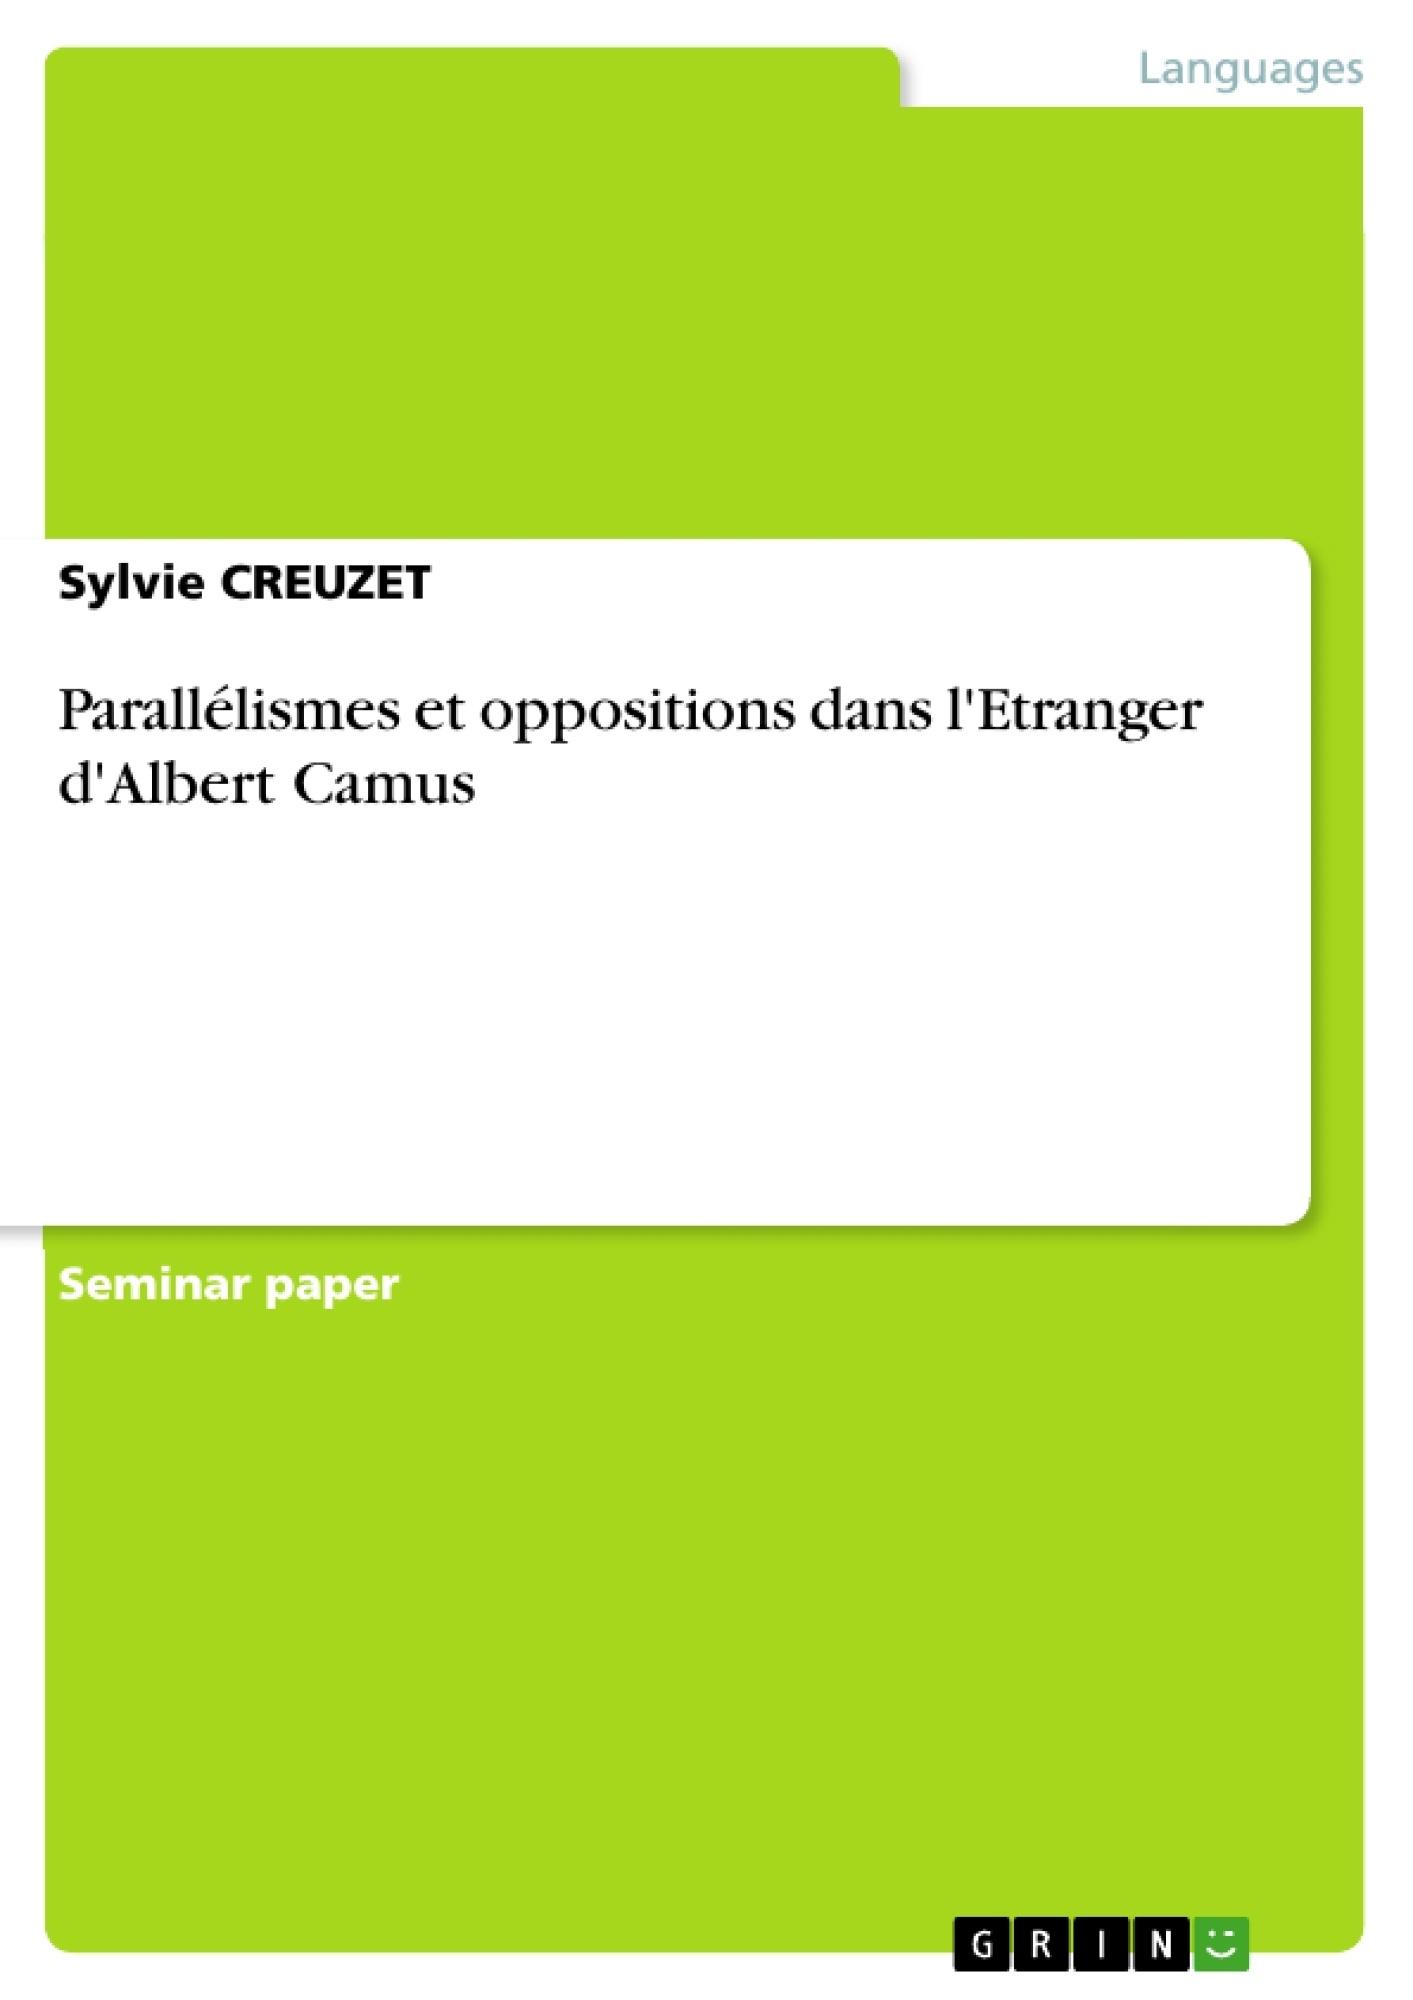 Titre: Parallélismes et oppositions dans l'Etranger d'Albert Camus